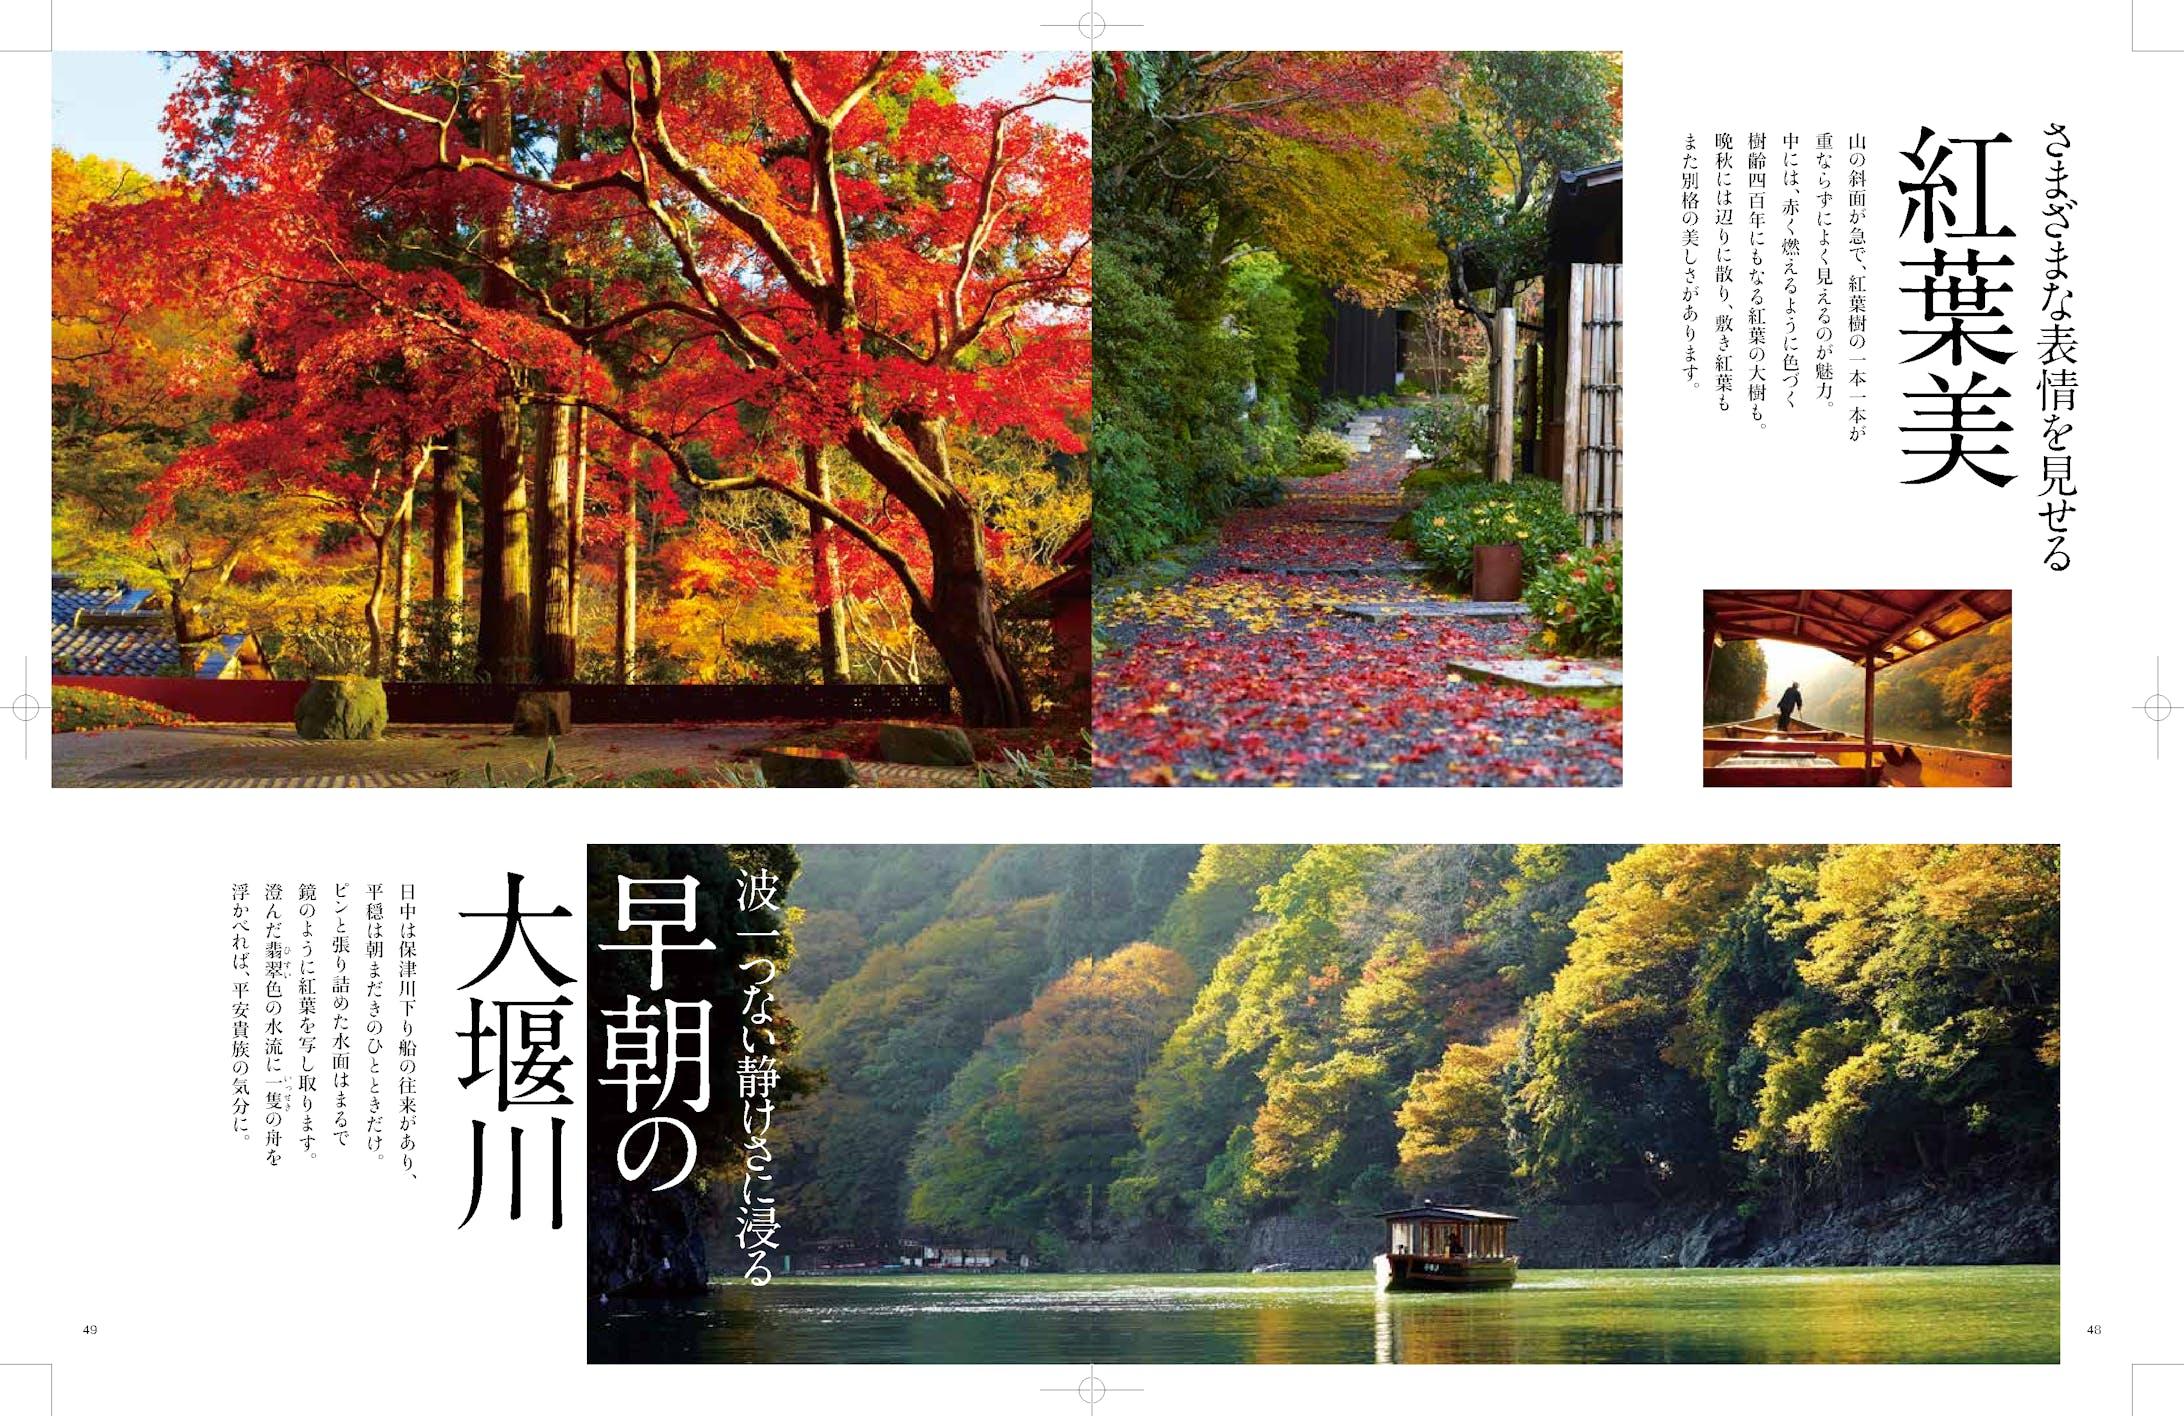 星のや京都 記事-2